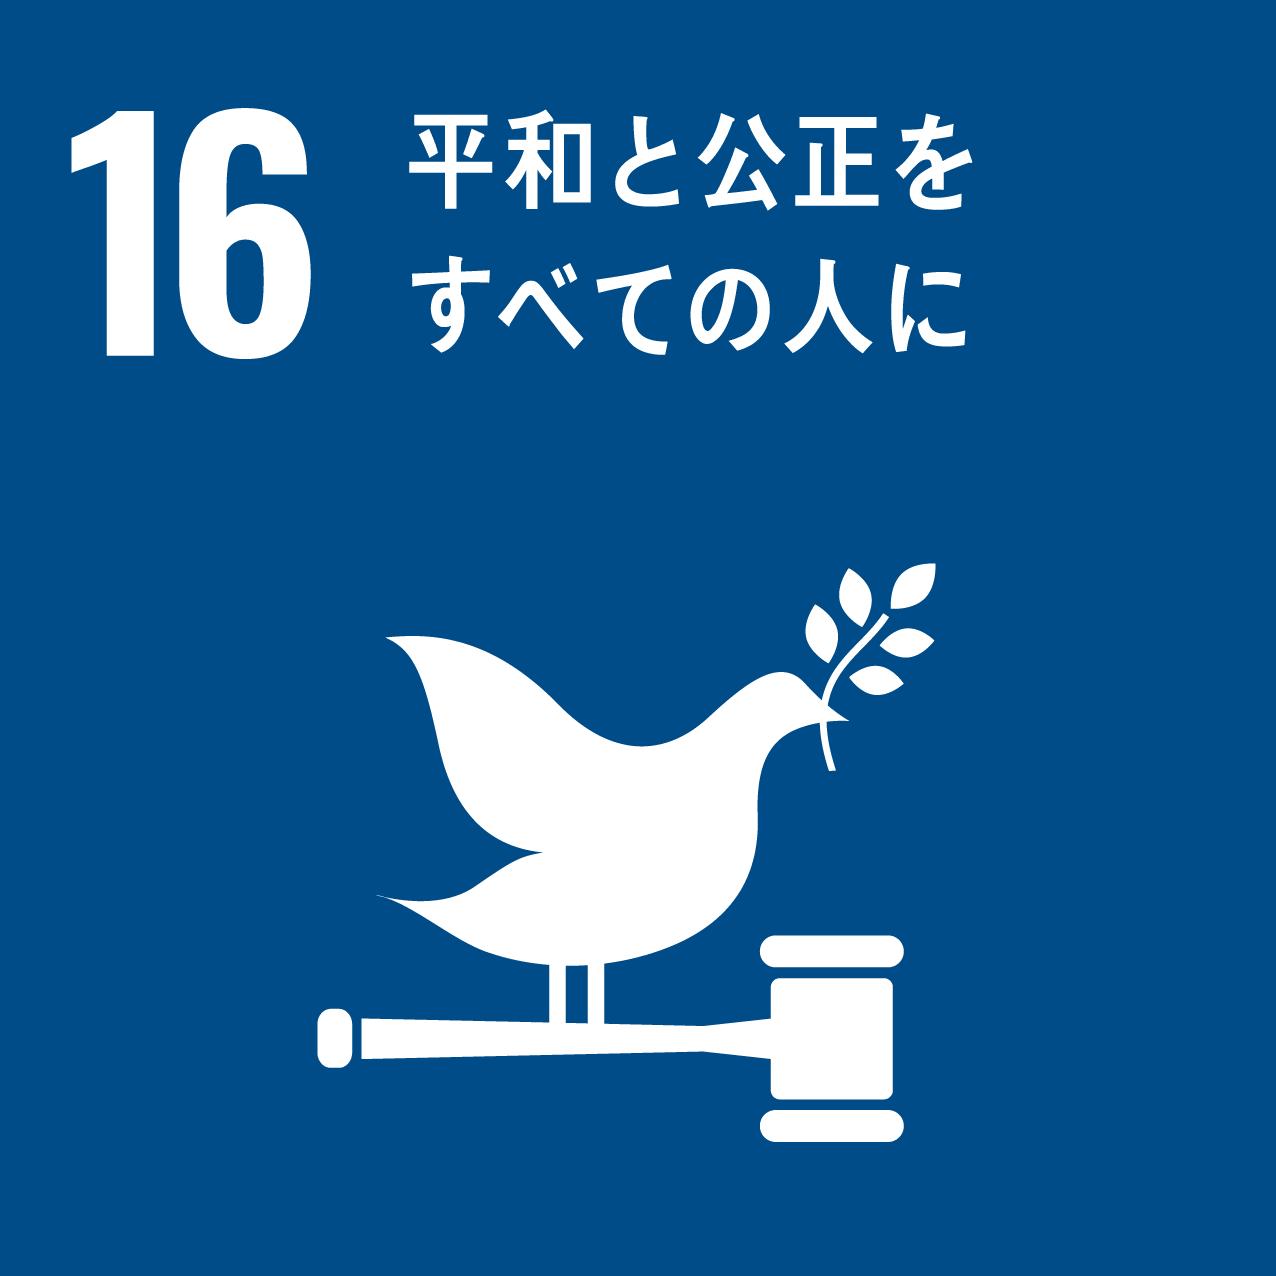 16.平和と公平をすべての人に